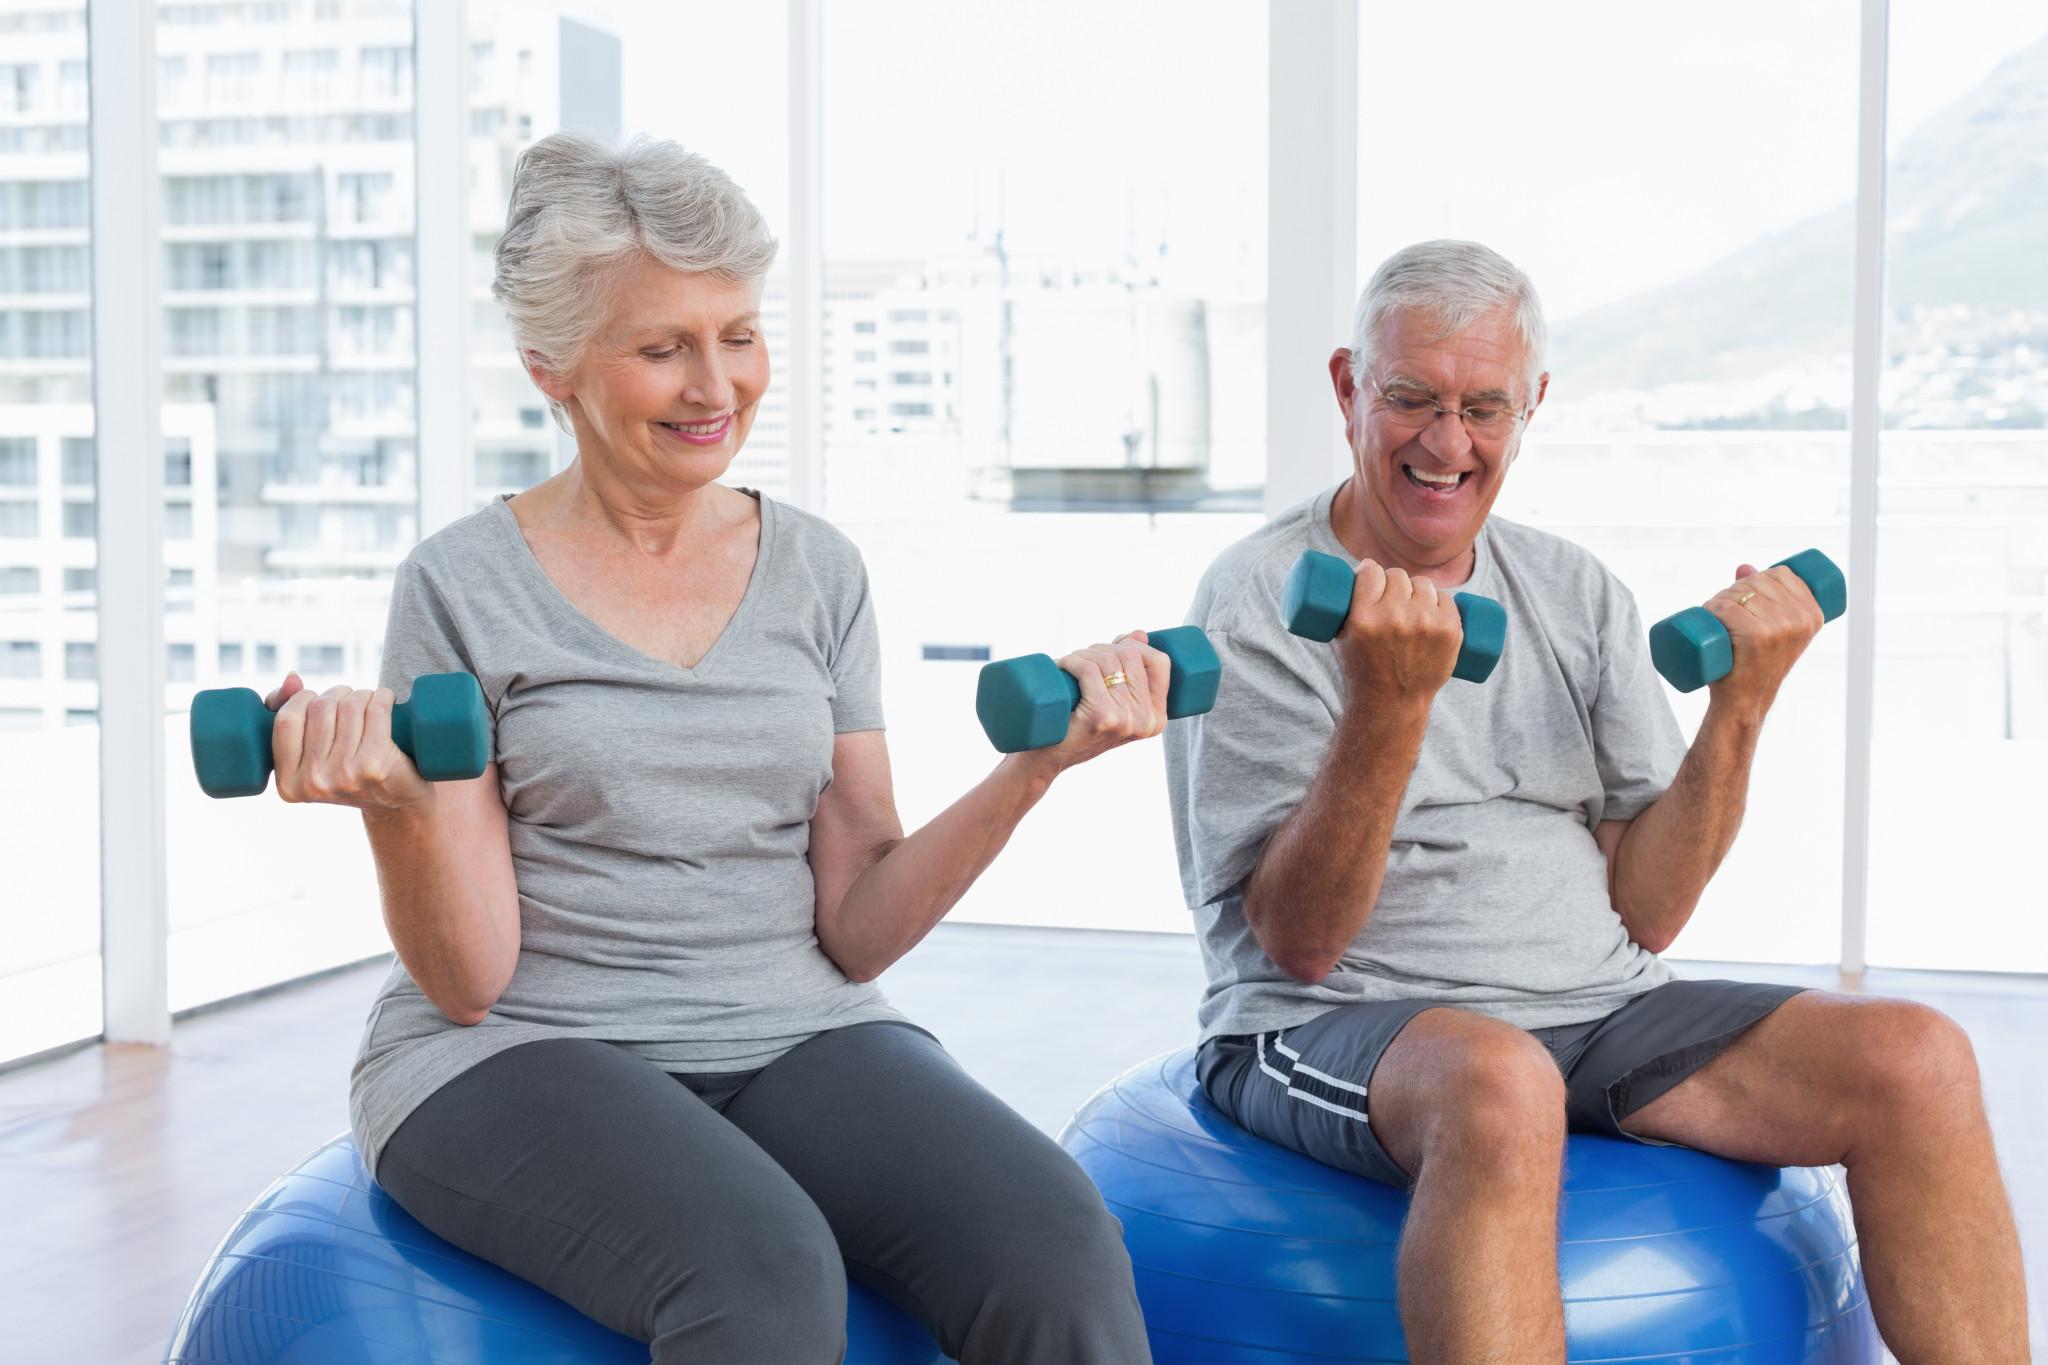 Übungen zum Abnehmen im Alter von 50 Jahren